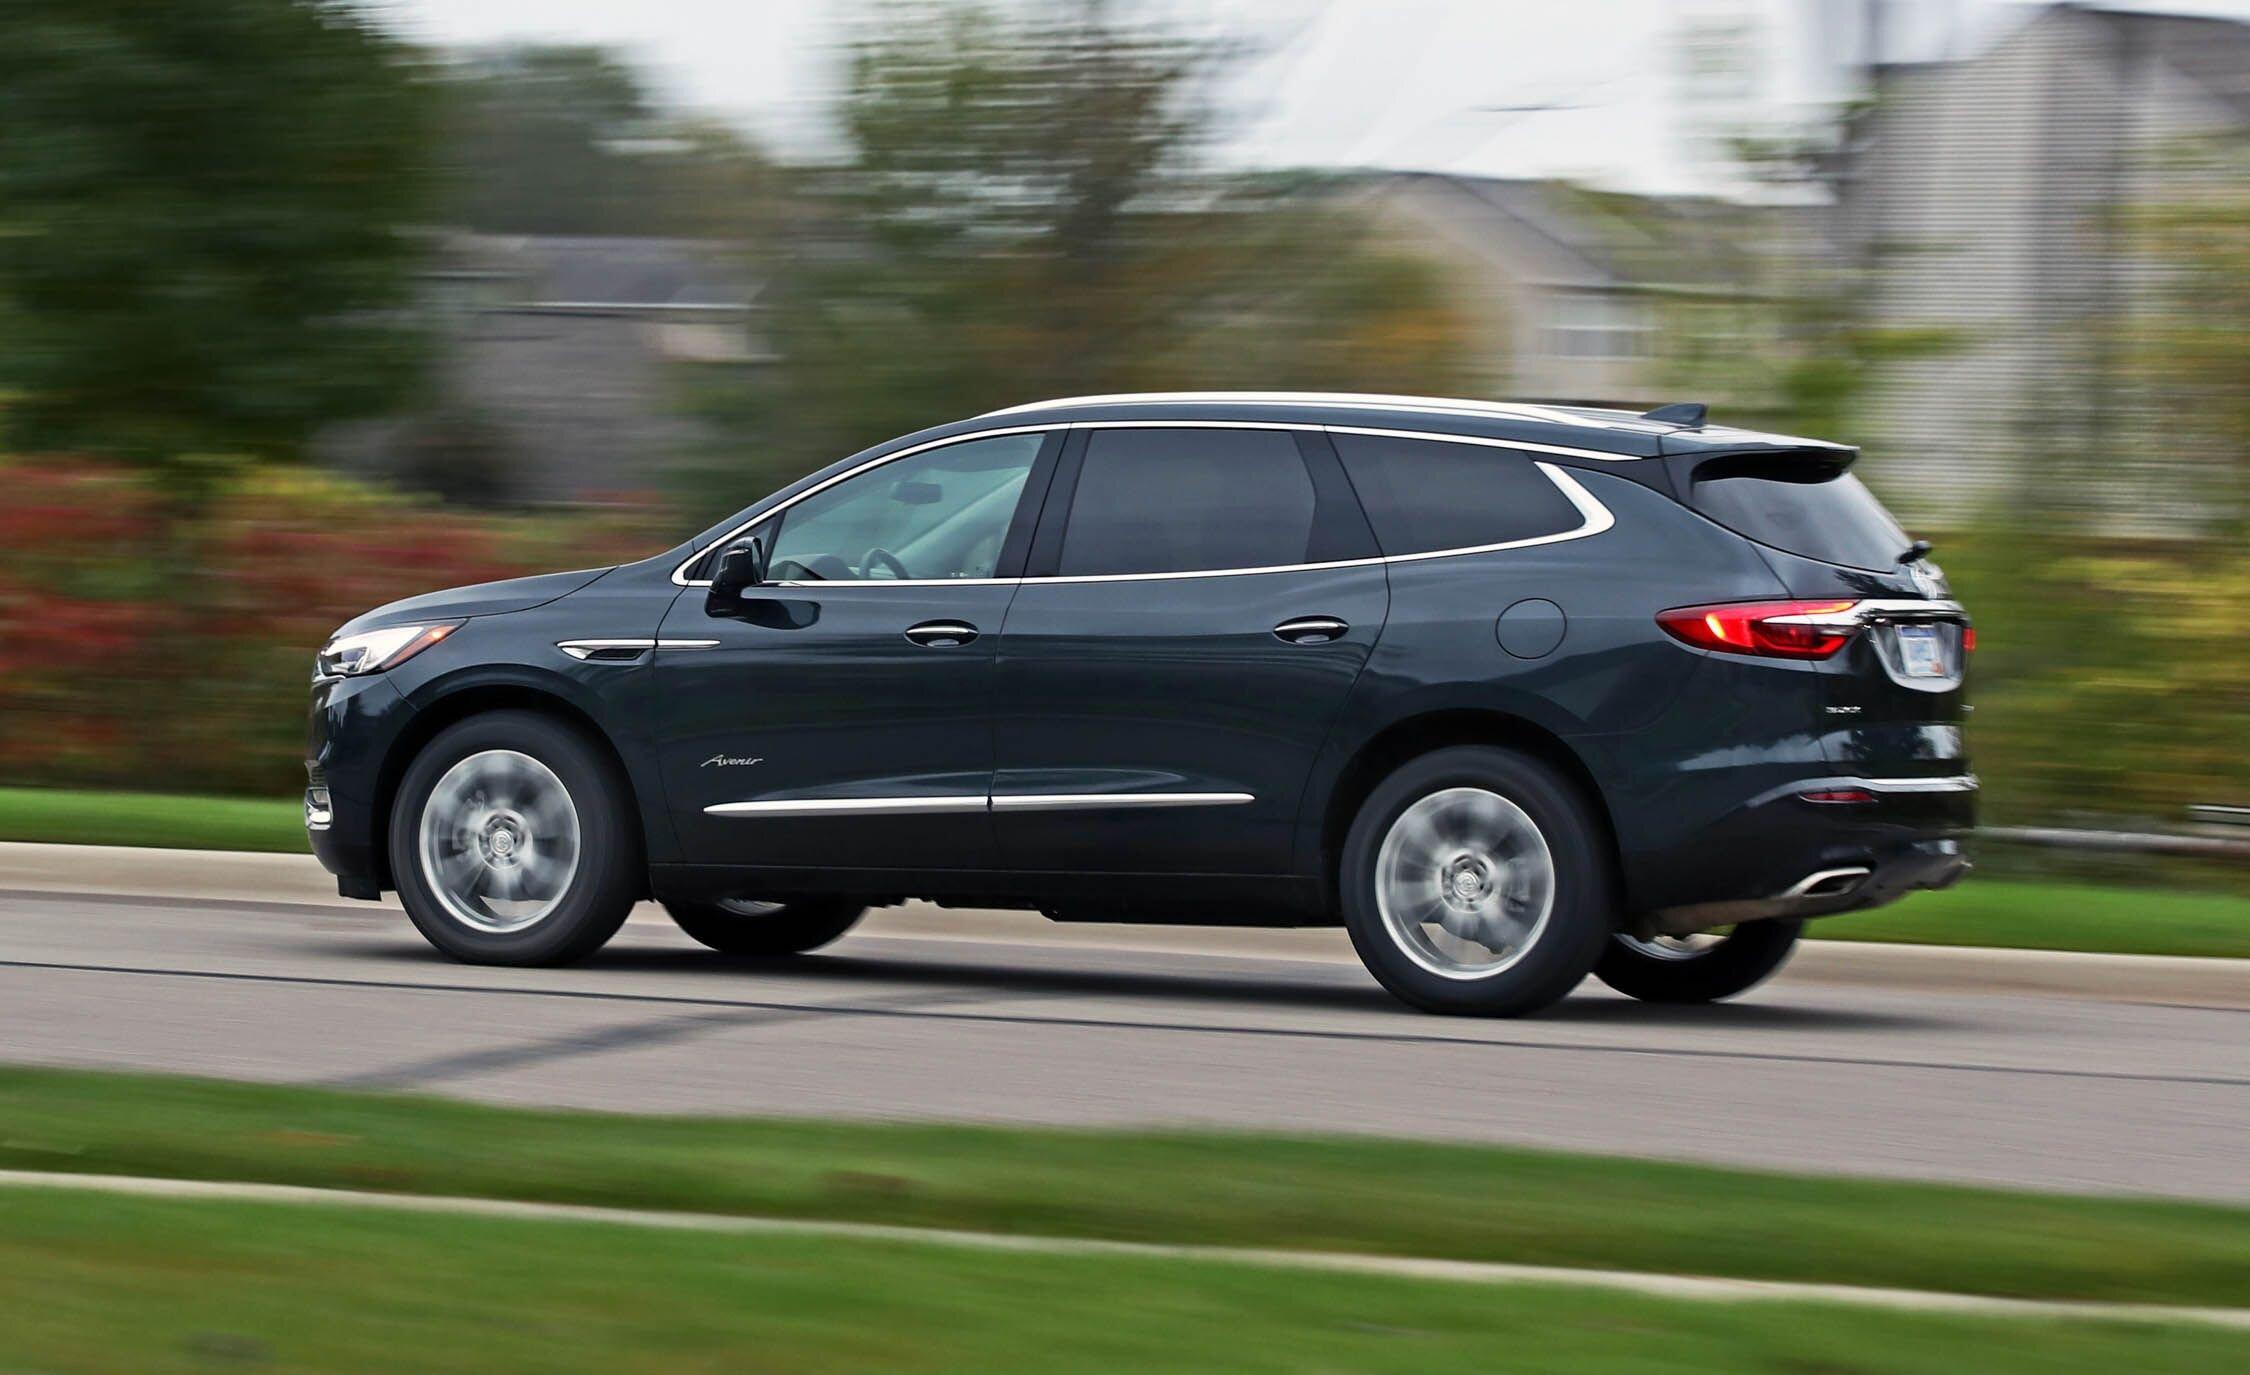 Buick Enclave mang đến không gian yên tĩnh riêng biệt cho người ngồi trong